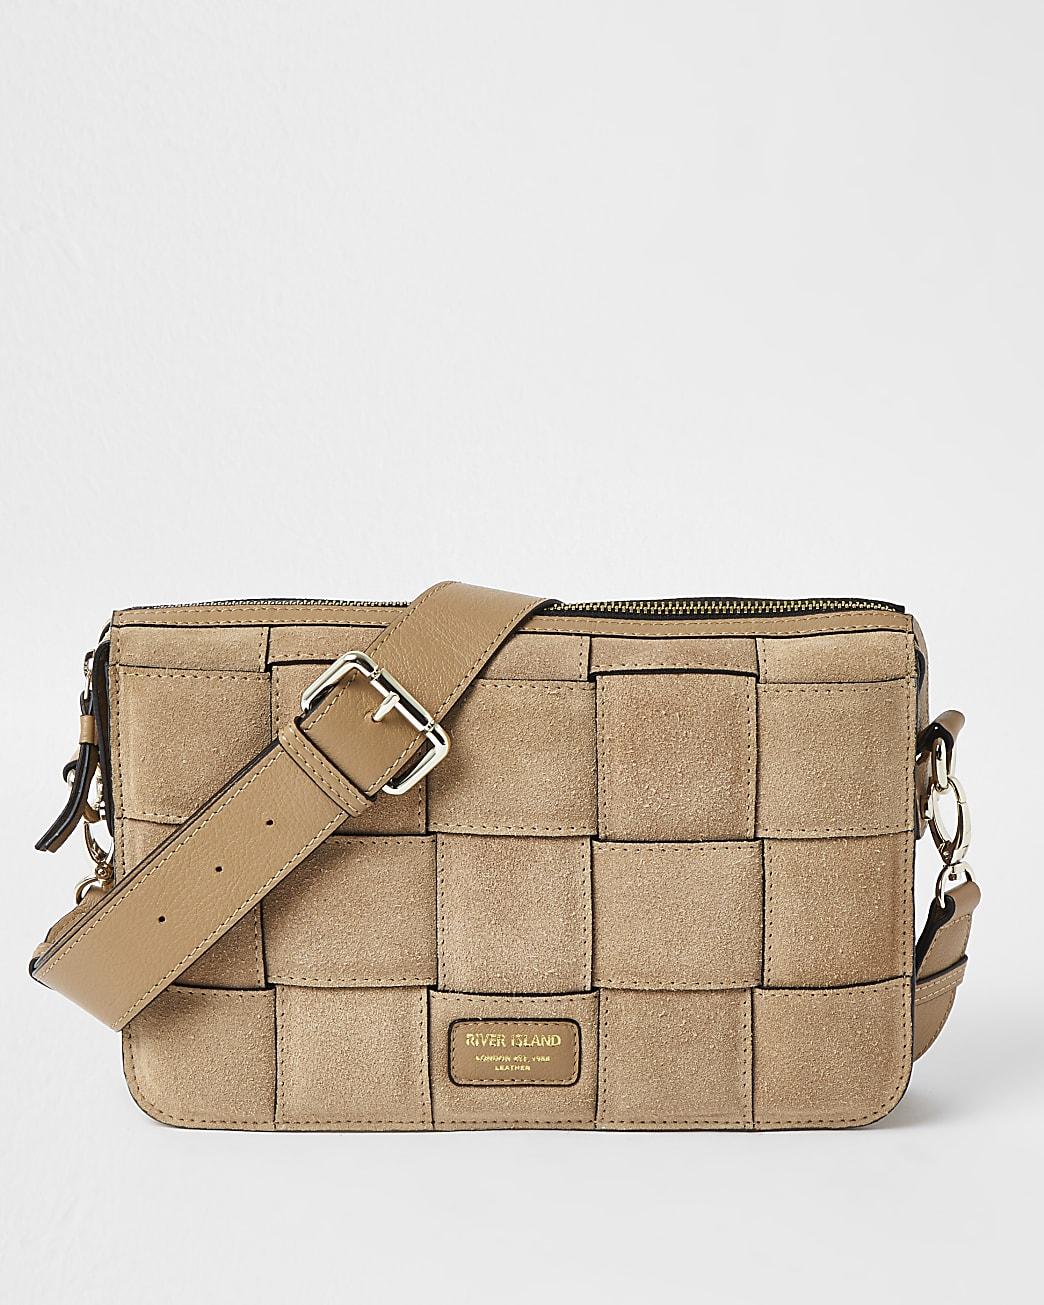 Brown woven suede shoulder bag